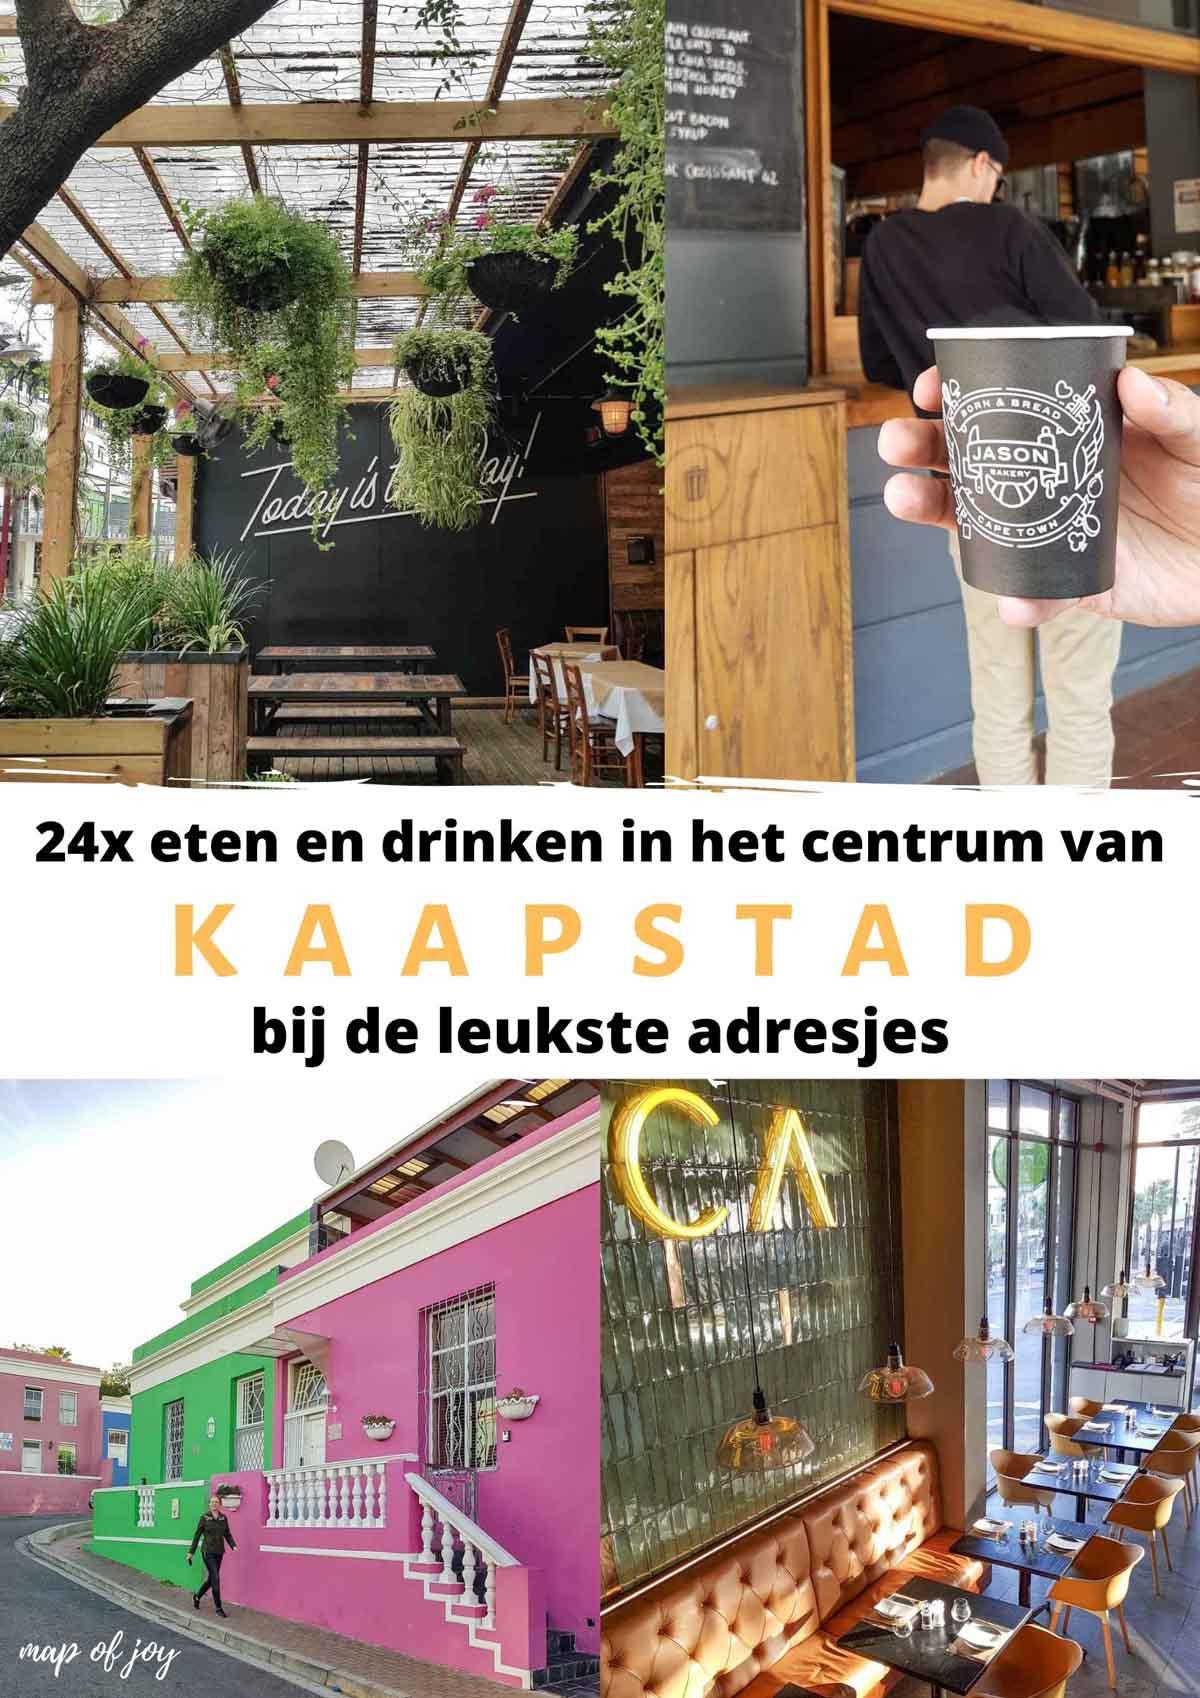 24x eten en drinken in het centrum van Kaapstad bij de leukste adresjes - Map of Joy